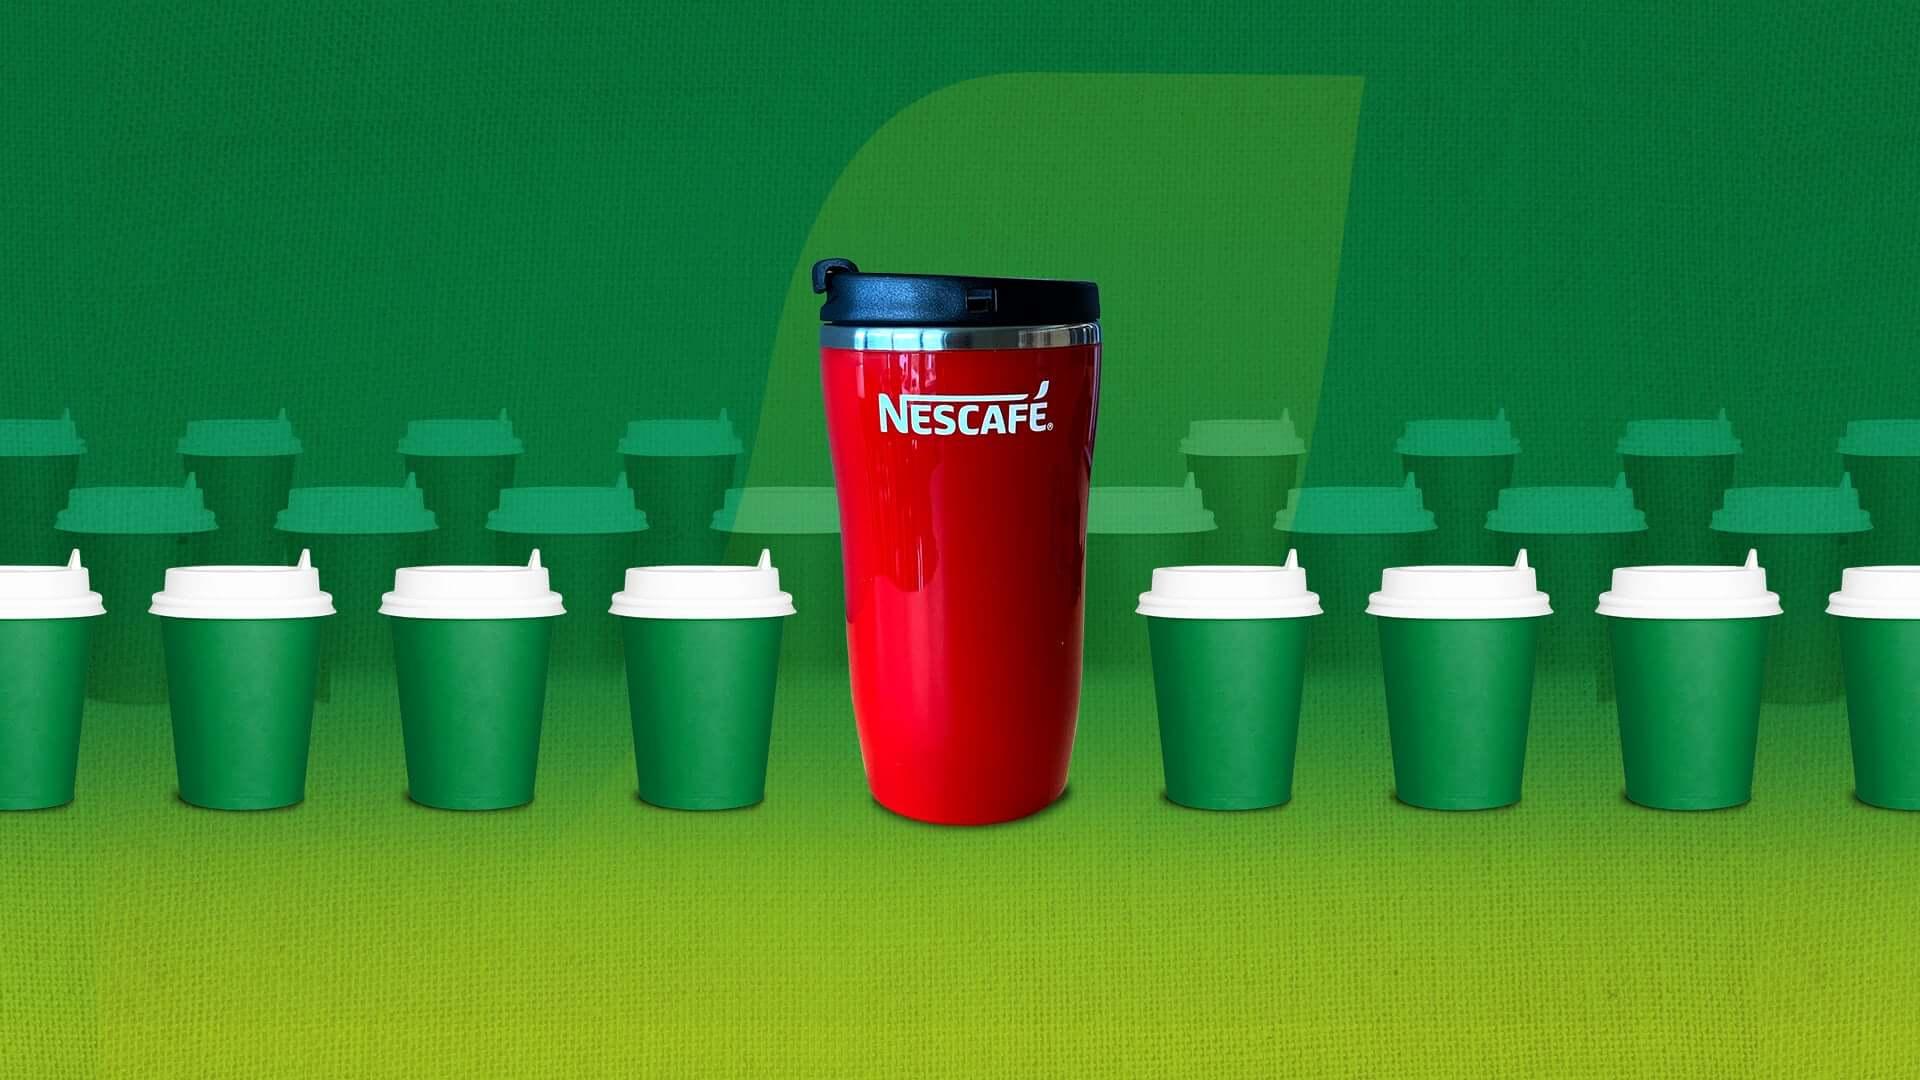 Nescafe travel mug sustainability